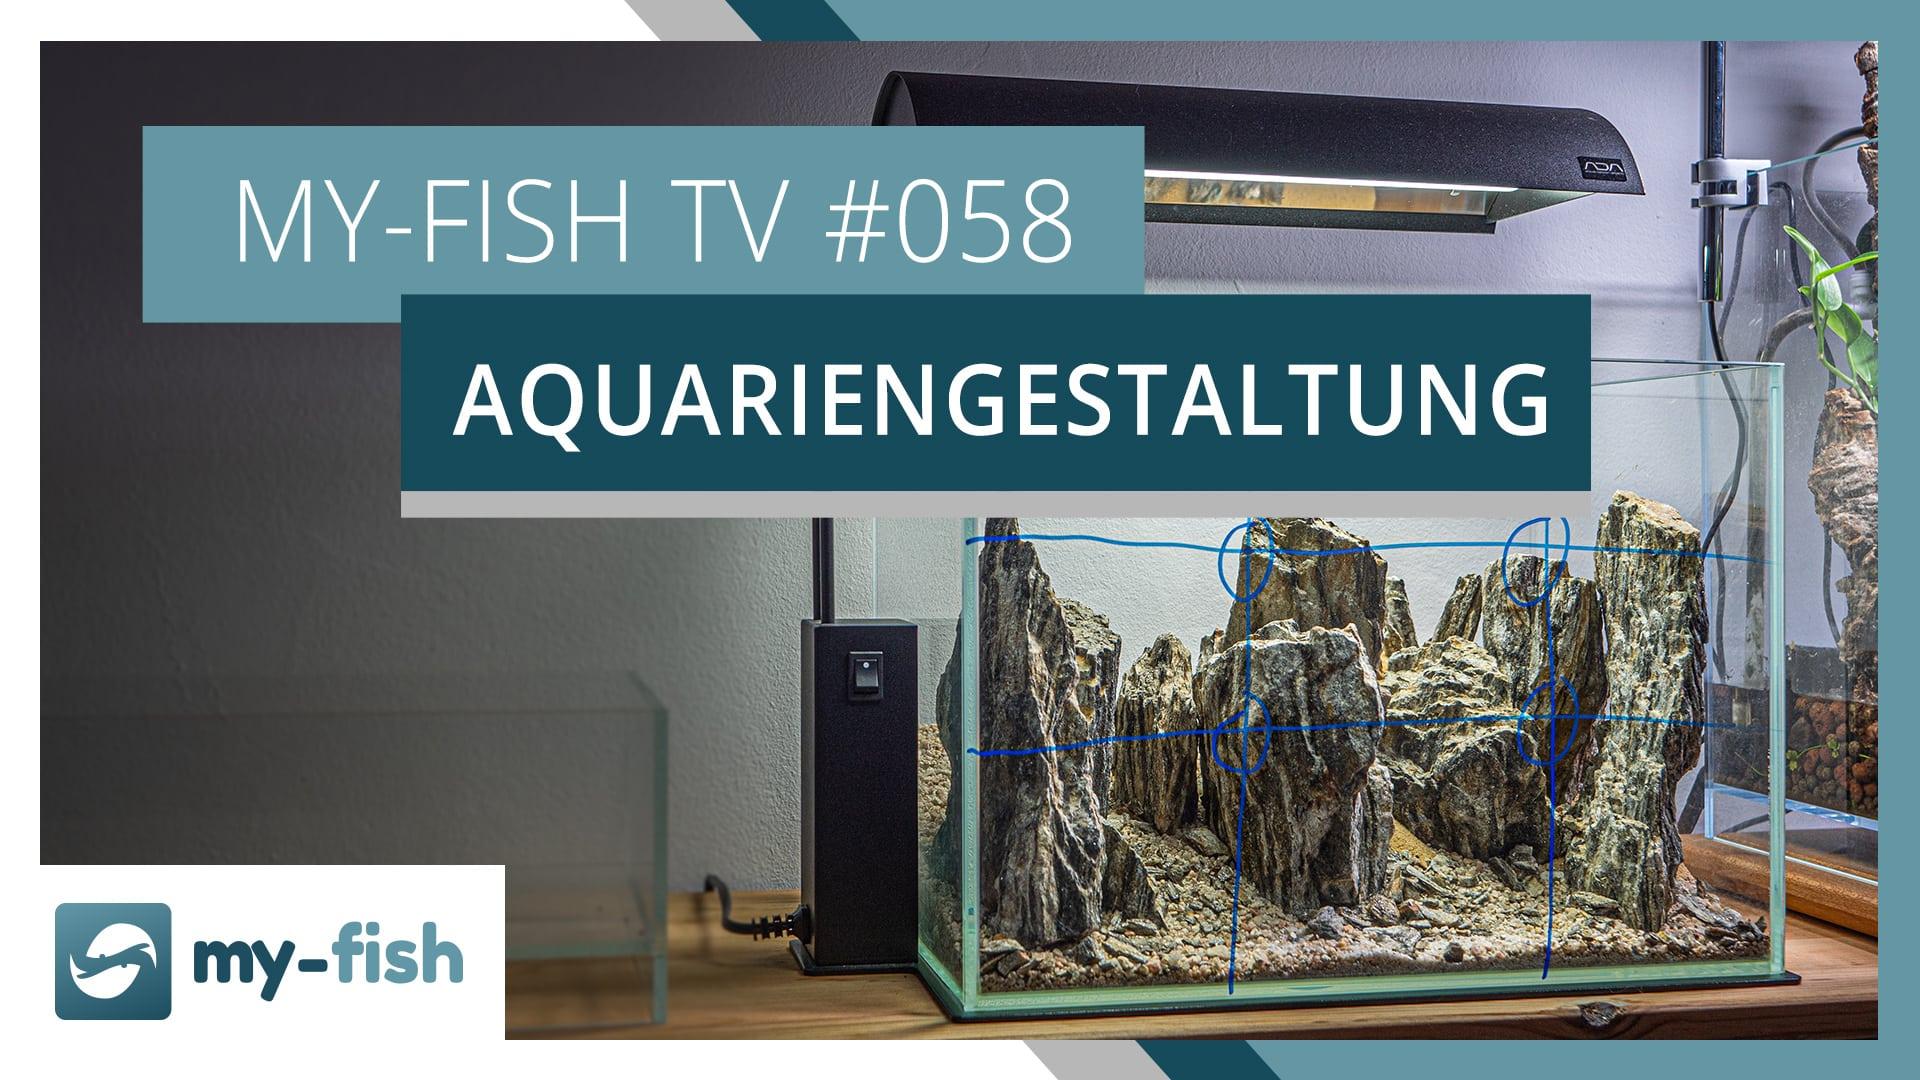 my-fish TV: Aquarien ansprechend gestalten mit diesen Grundregeln